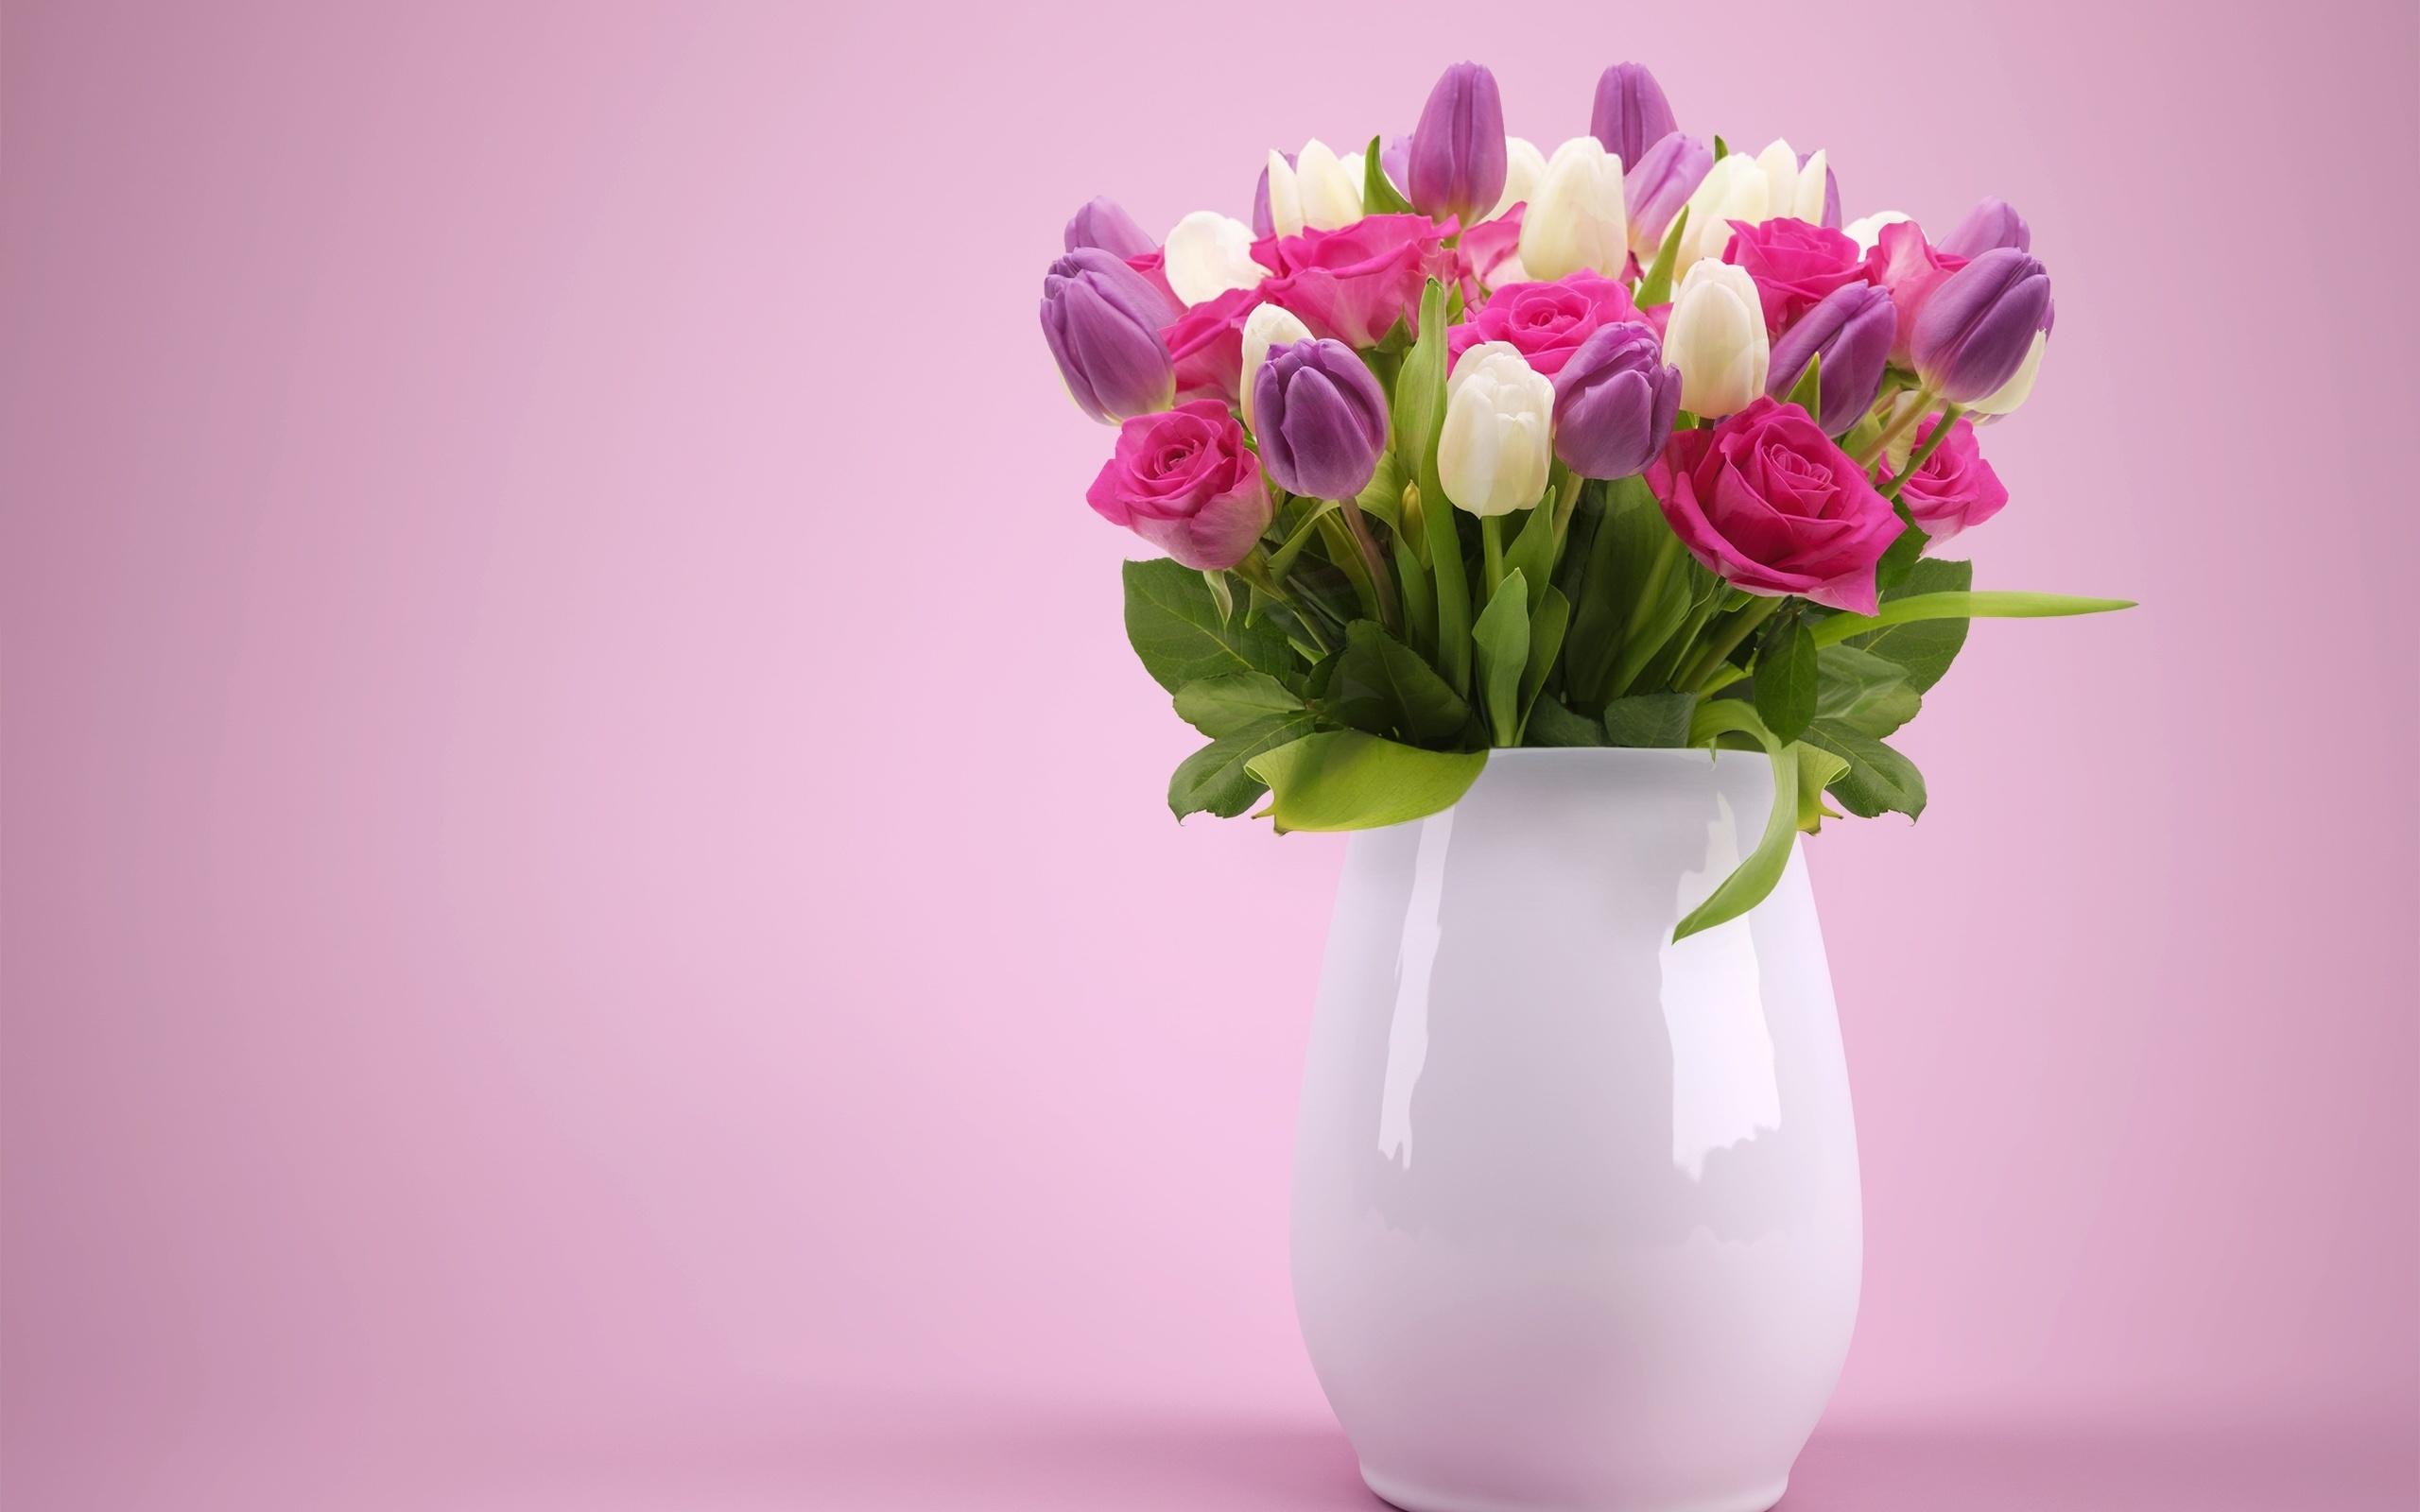 Картинка букет цветов в вазе